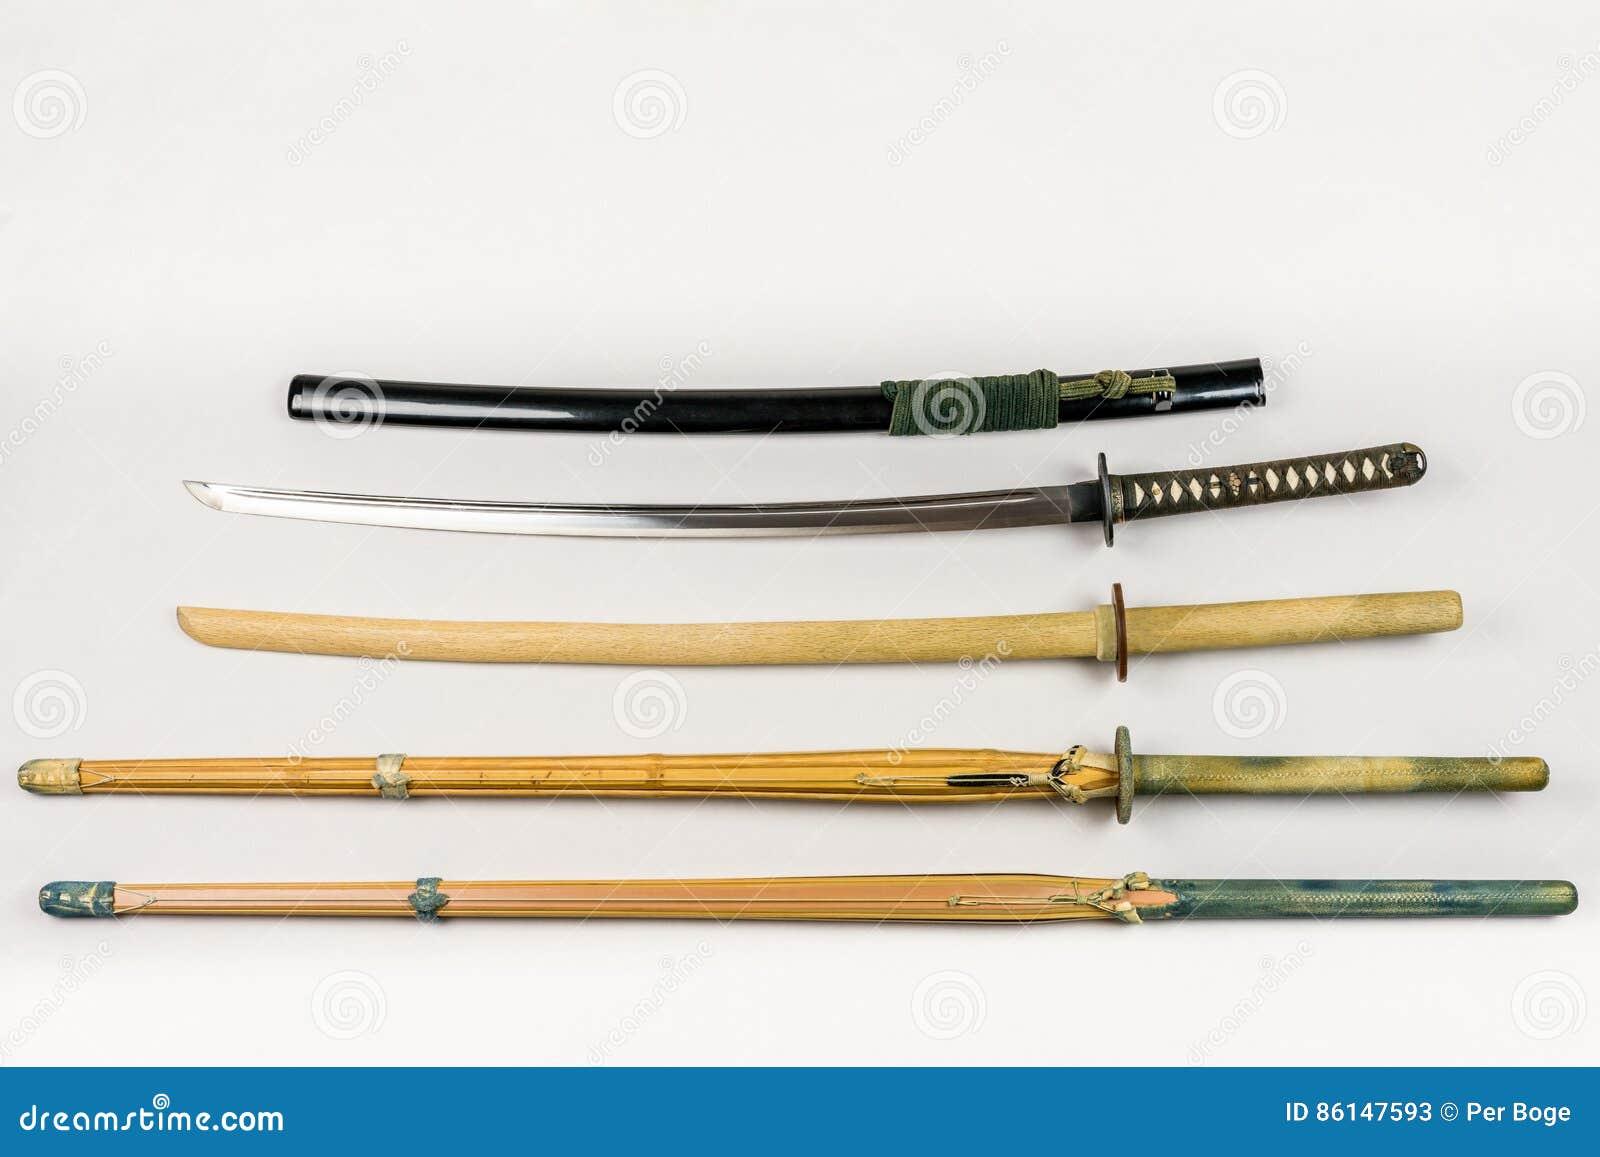 En samling av vapen för utbildning, utrustning för den japanska sporten Iaido och Kendo